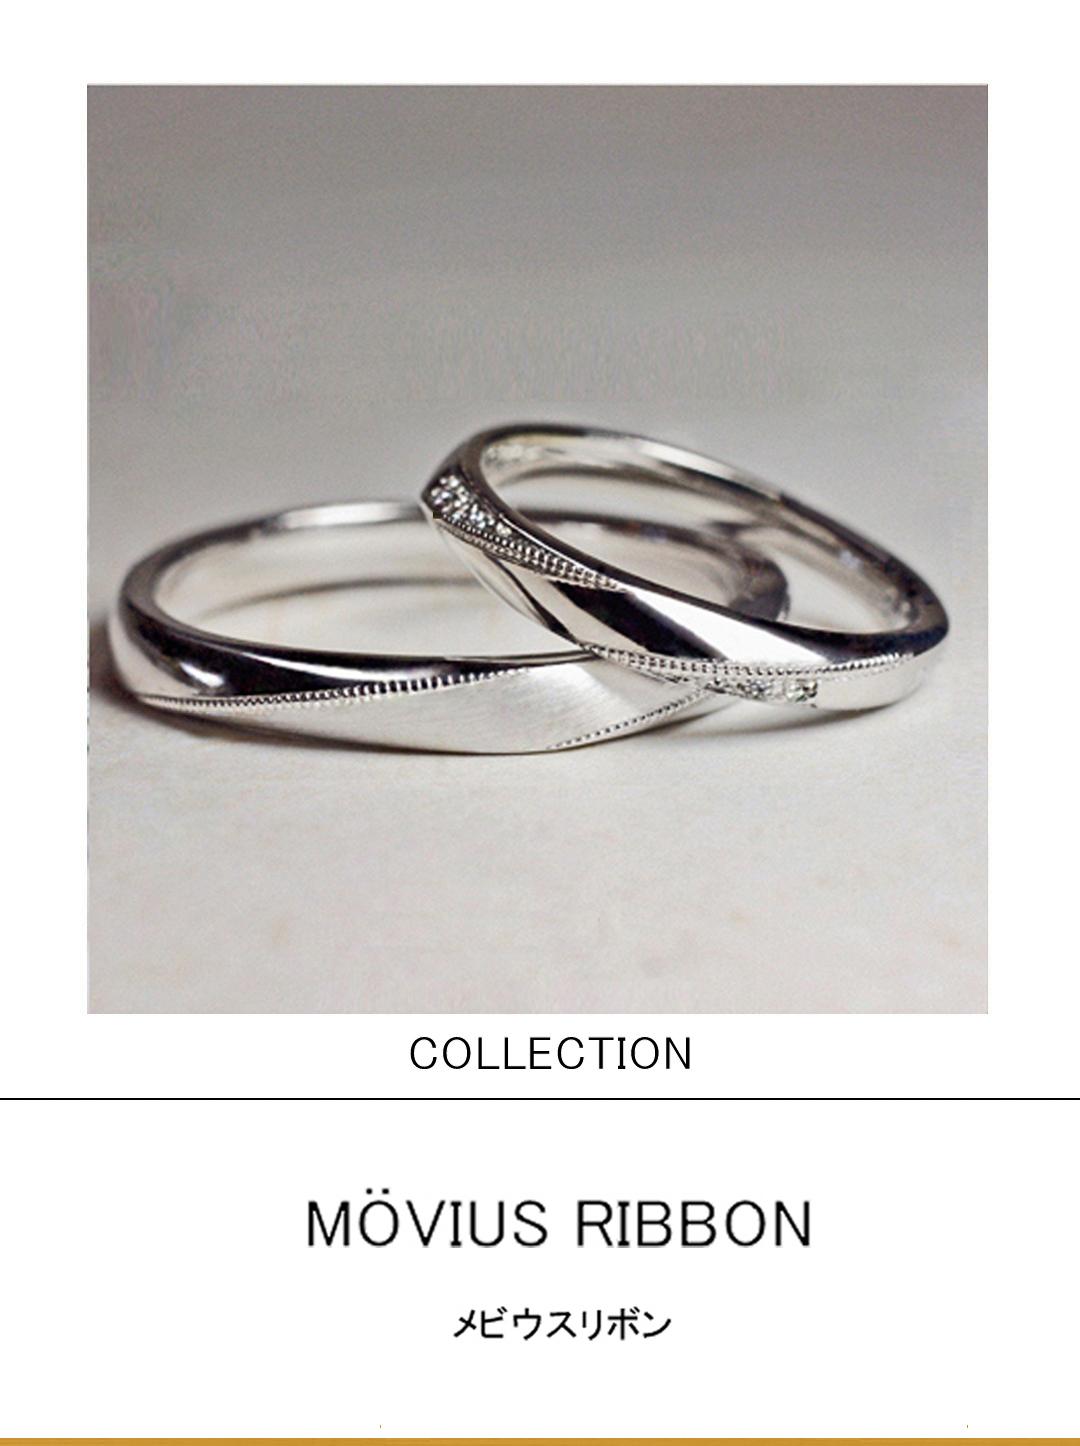 ステッチの入ったリボンをメビウスの輪の様にデザインした結婚指輪のサムネイル